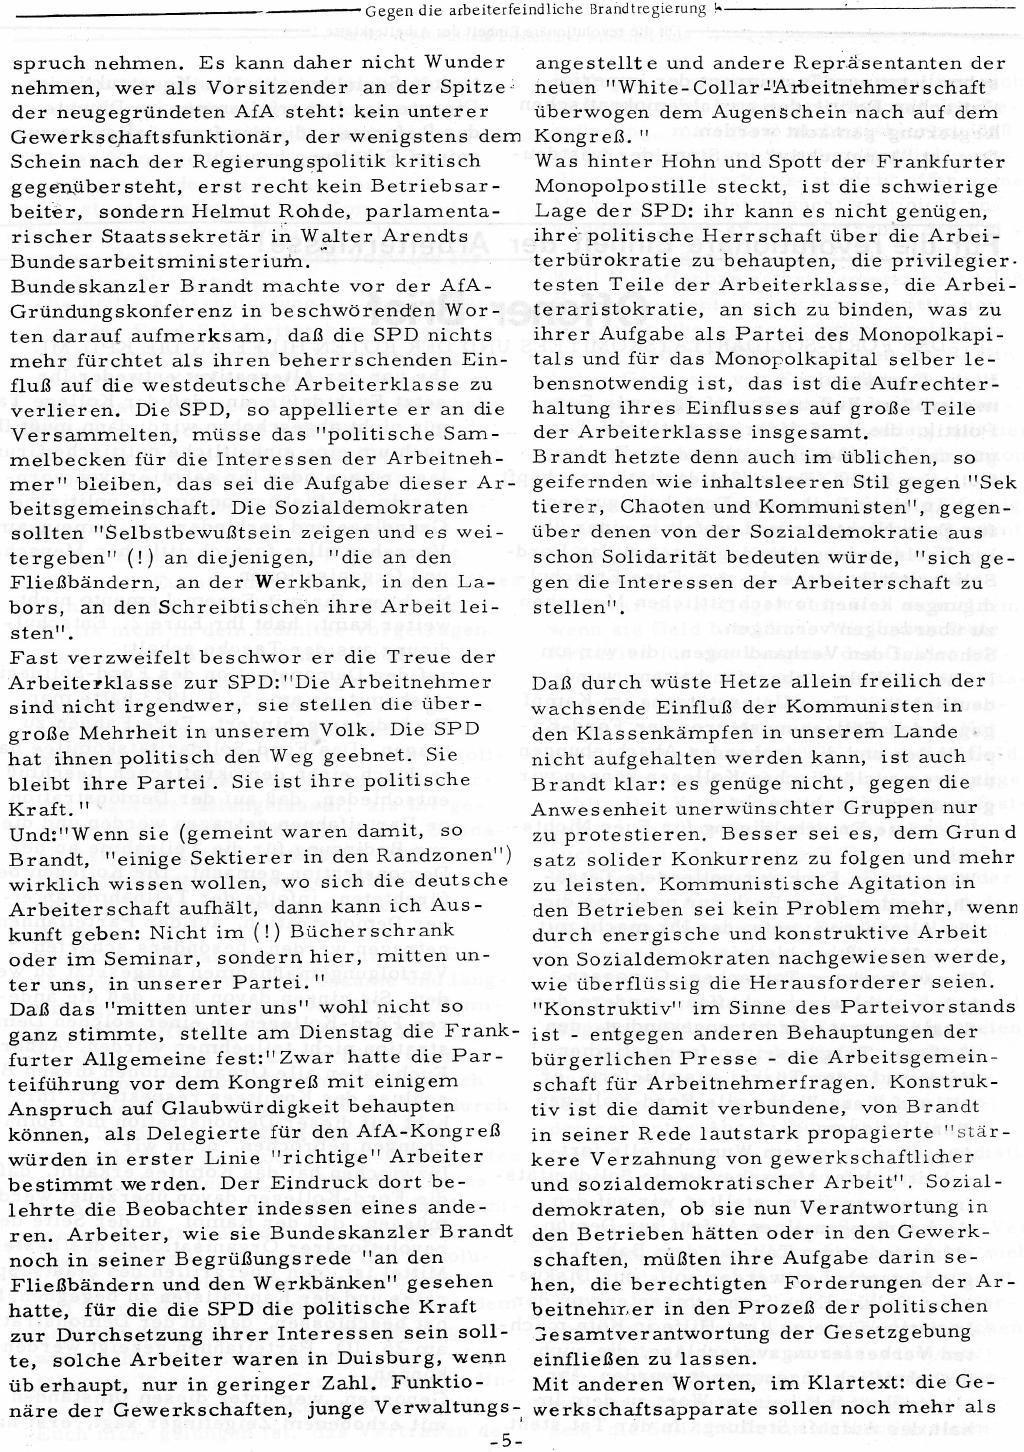 RPK_1973_034_05